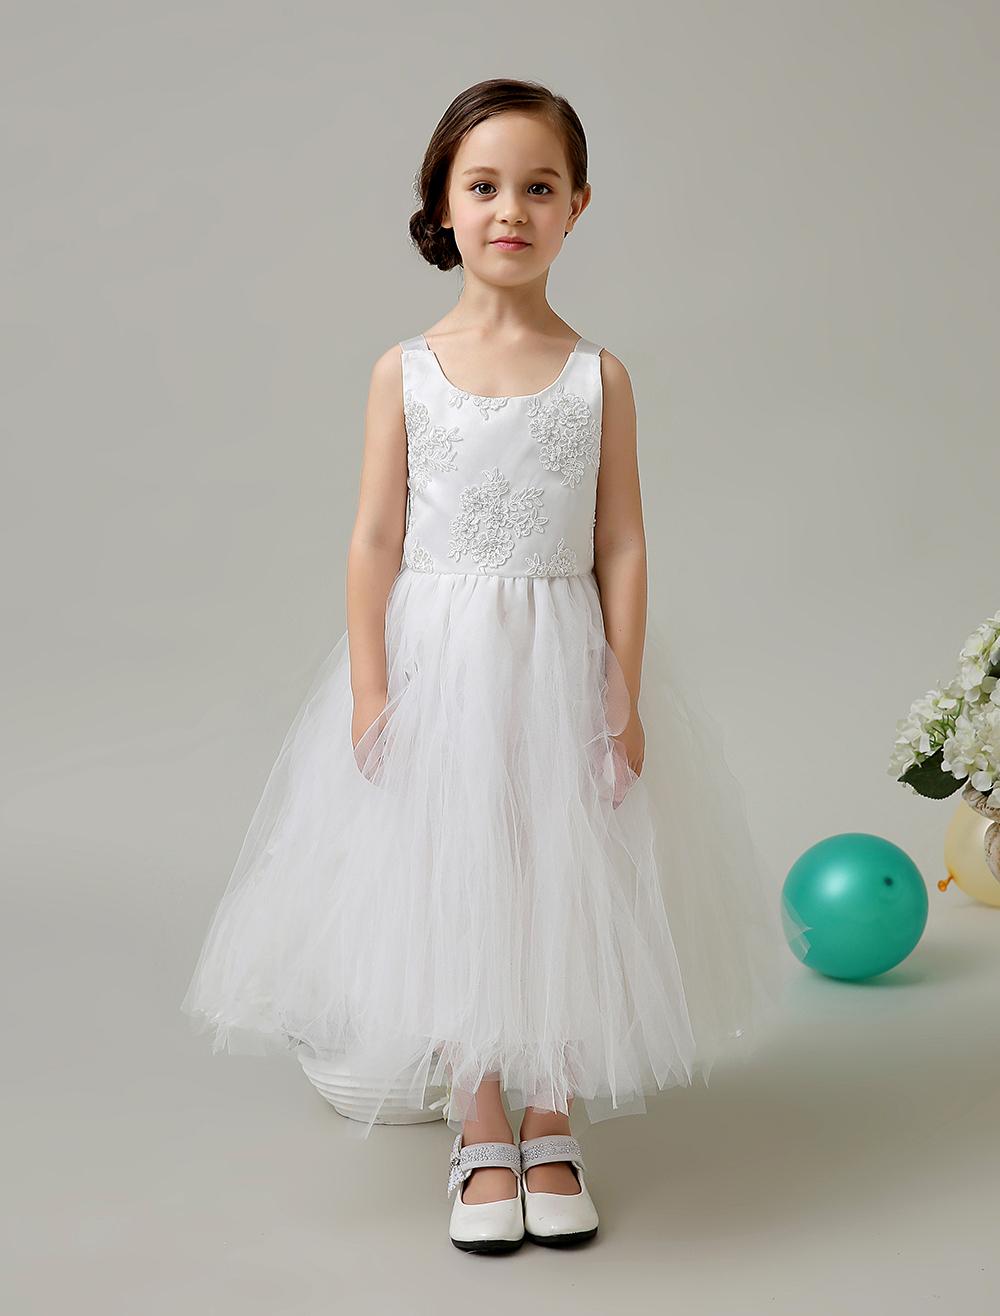 Girls White Formal Dress Good Dresses